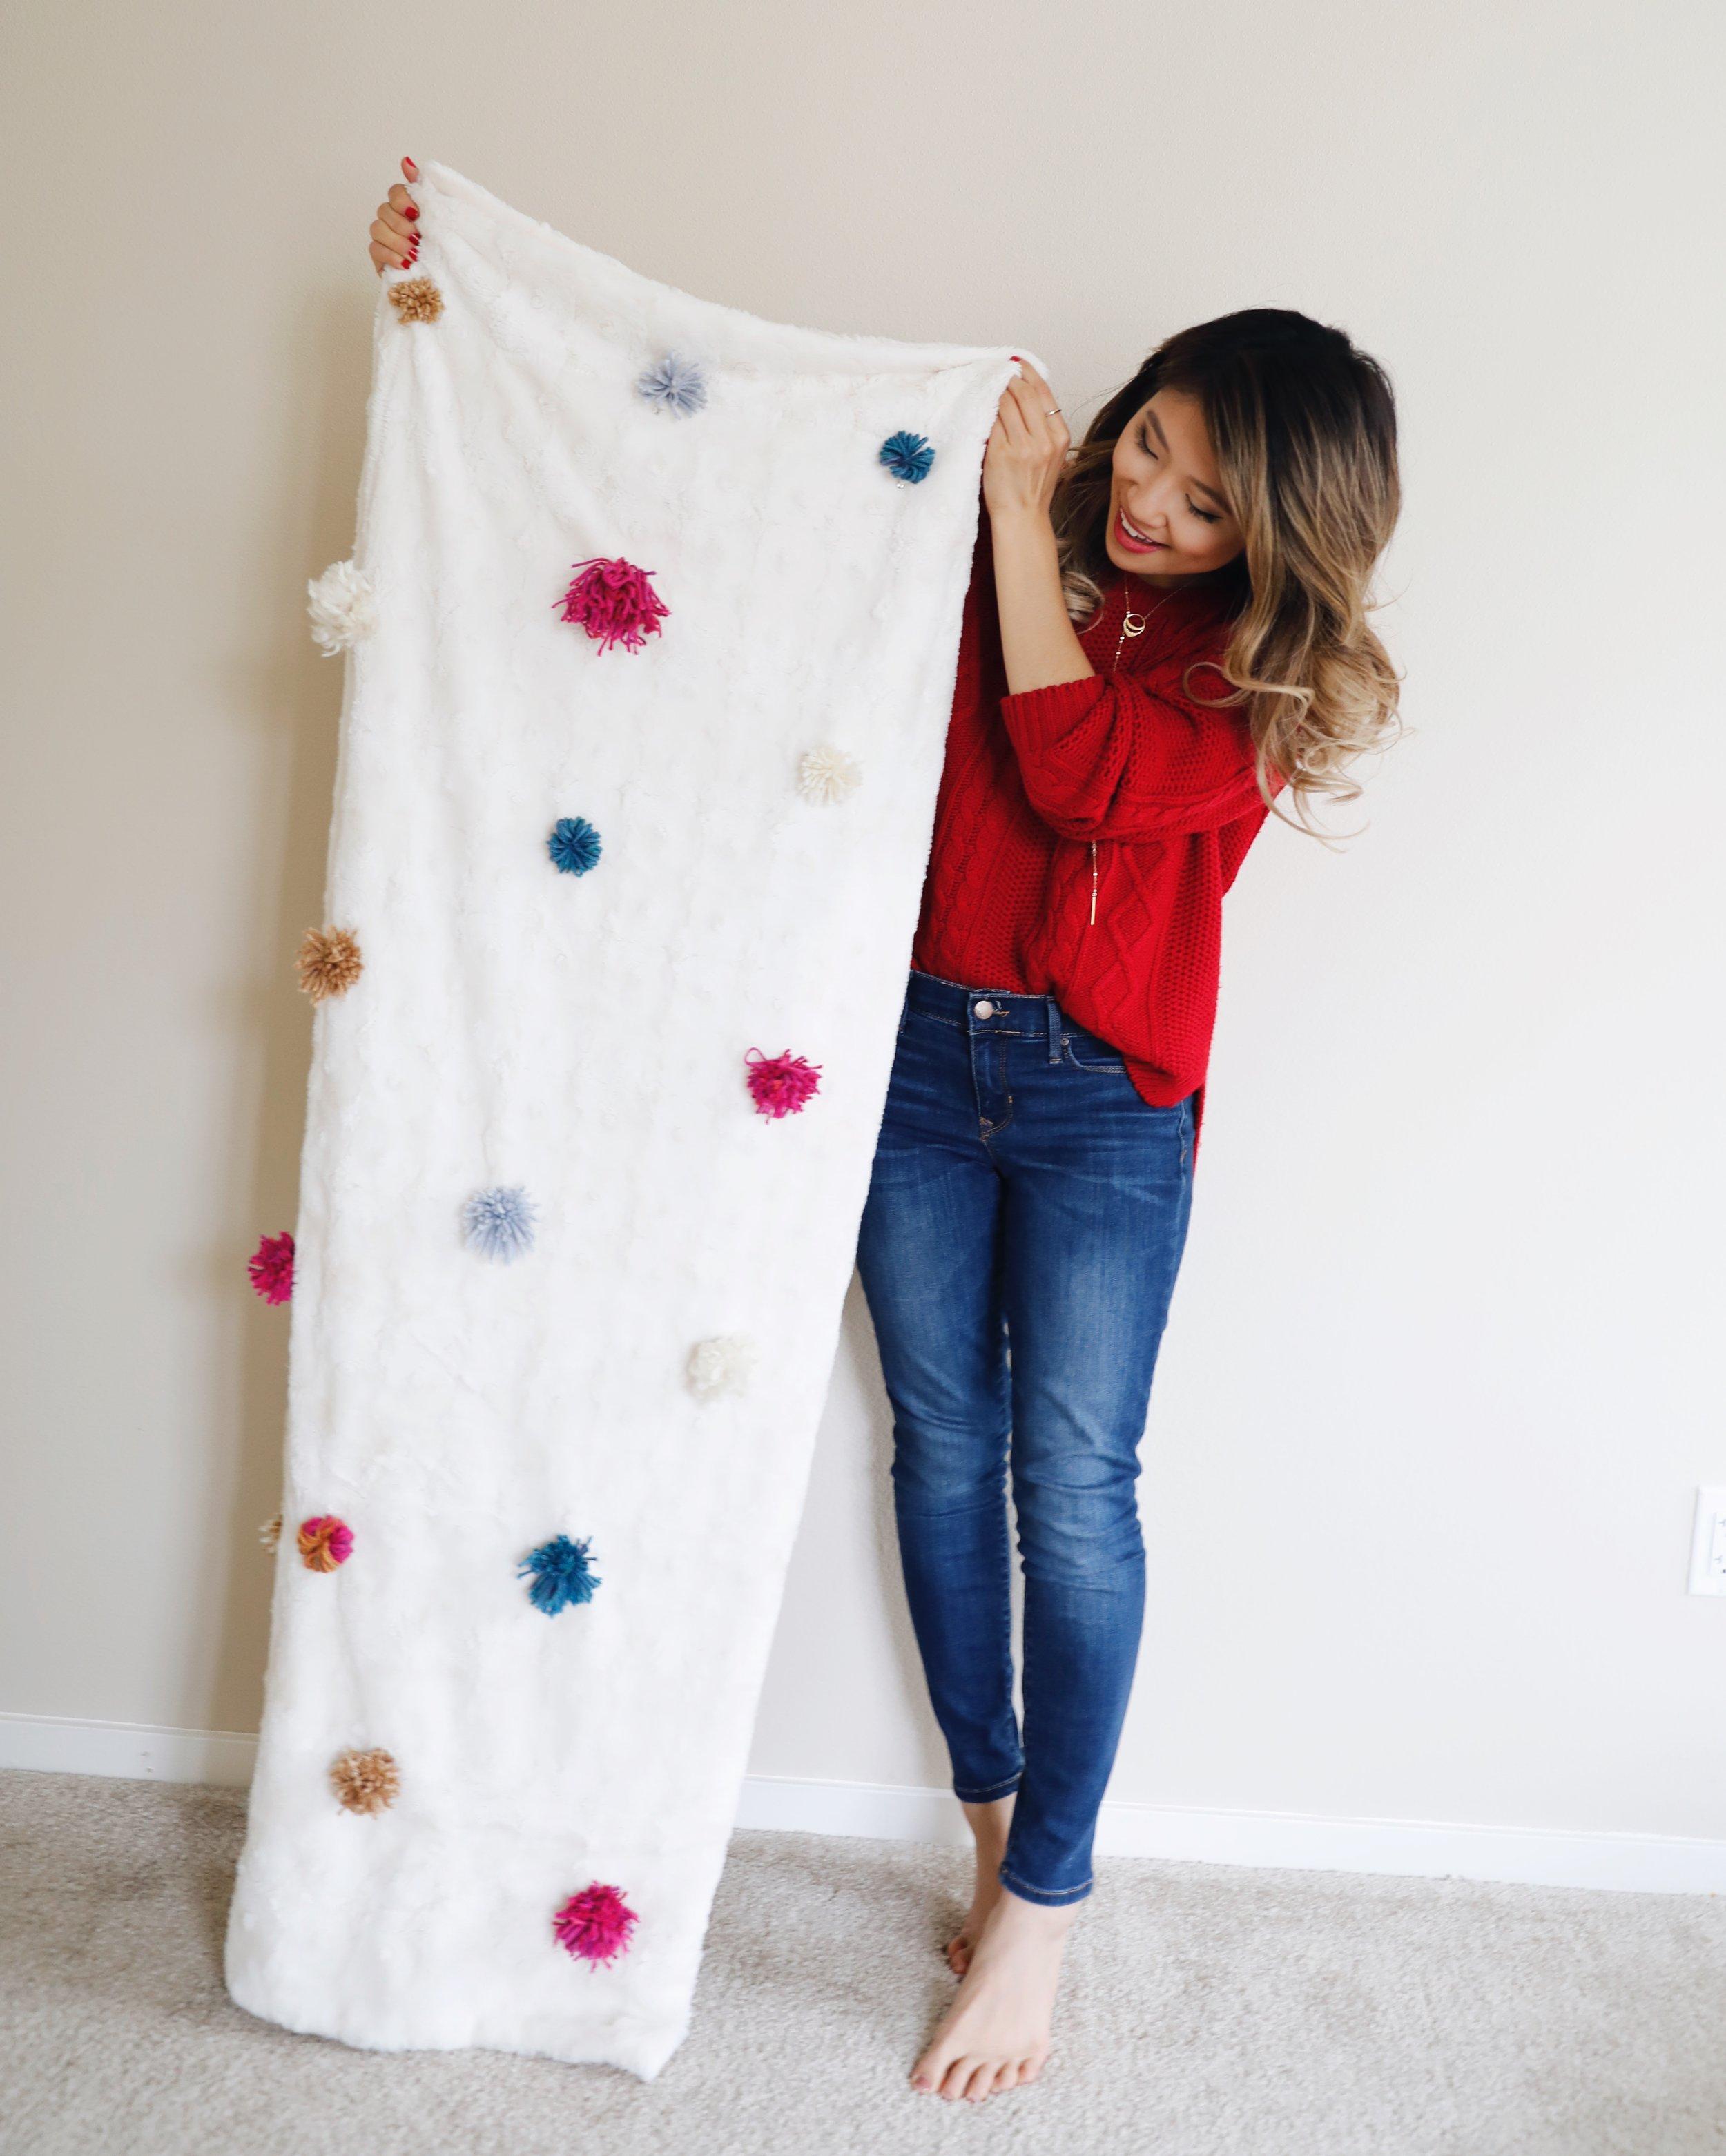 FashionbyAlly-DIY-Gift-Ideas4